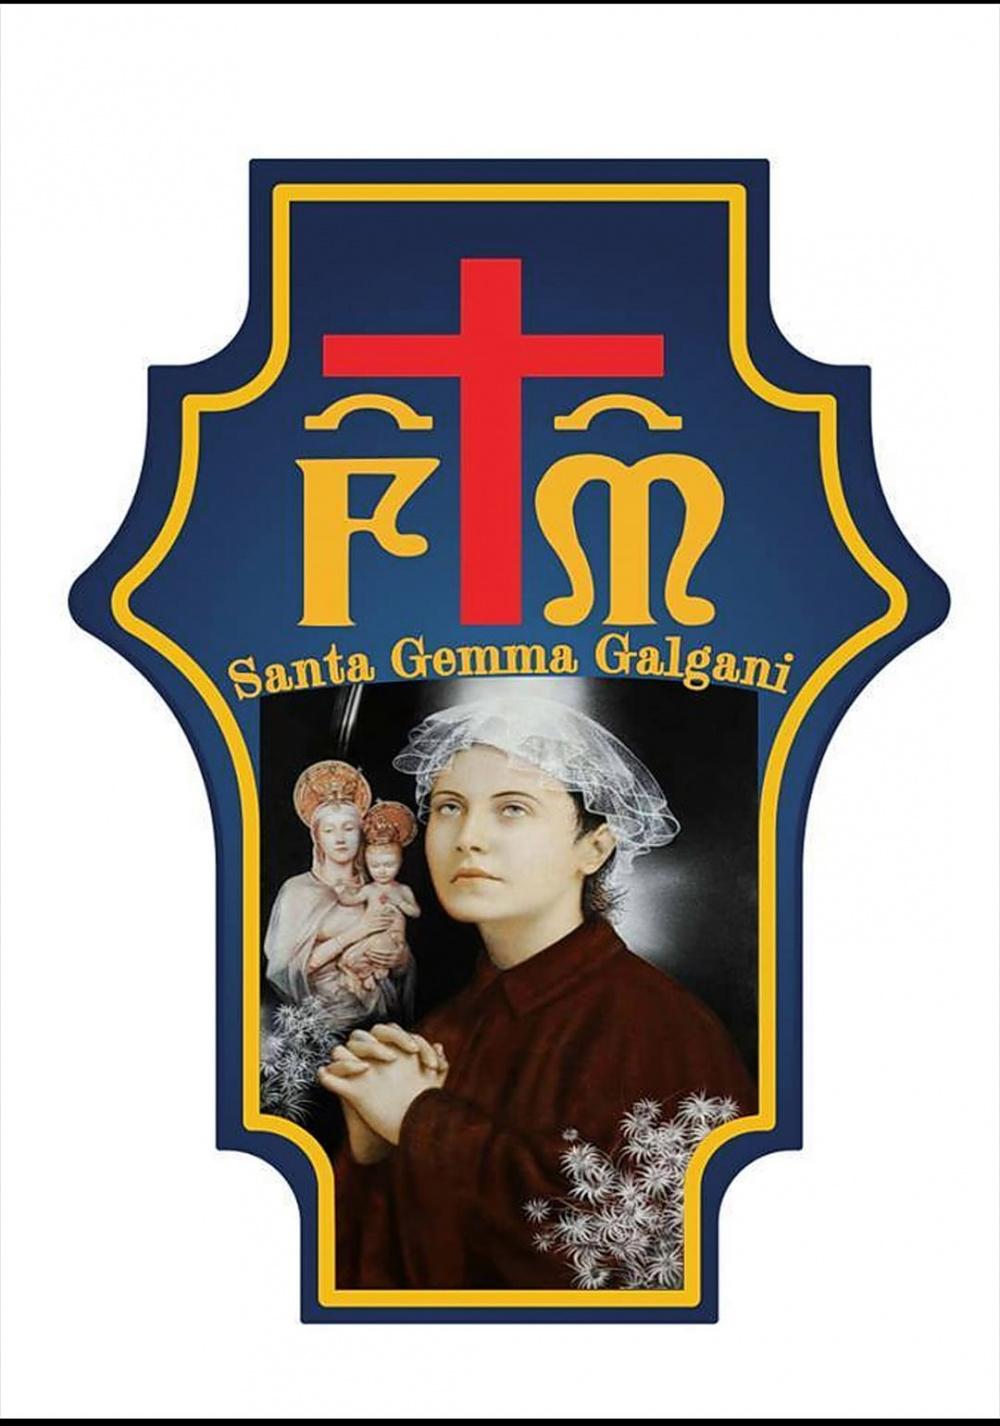 immagine di anteprima del video: 10 Anni di Misericordia Santa Gemma Galgani